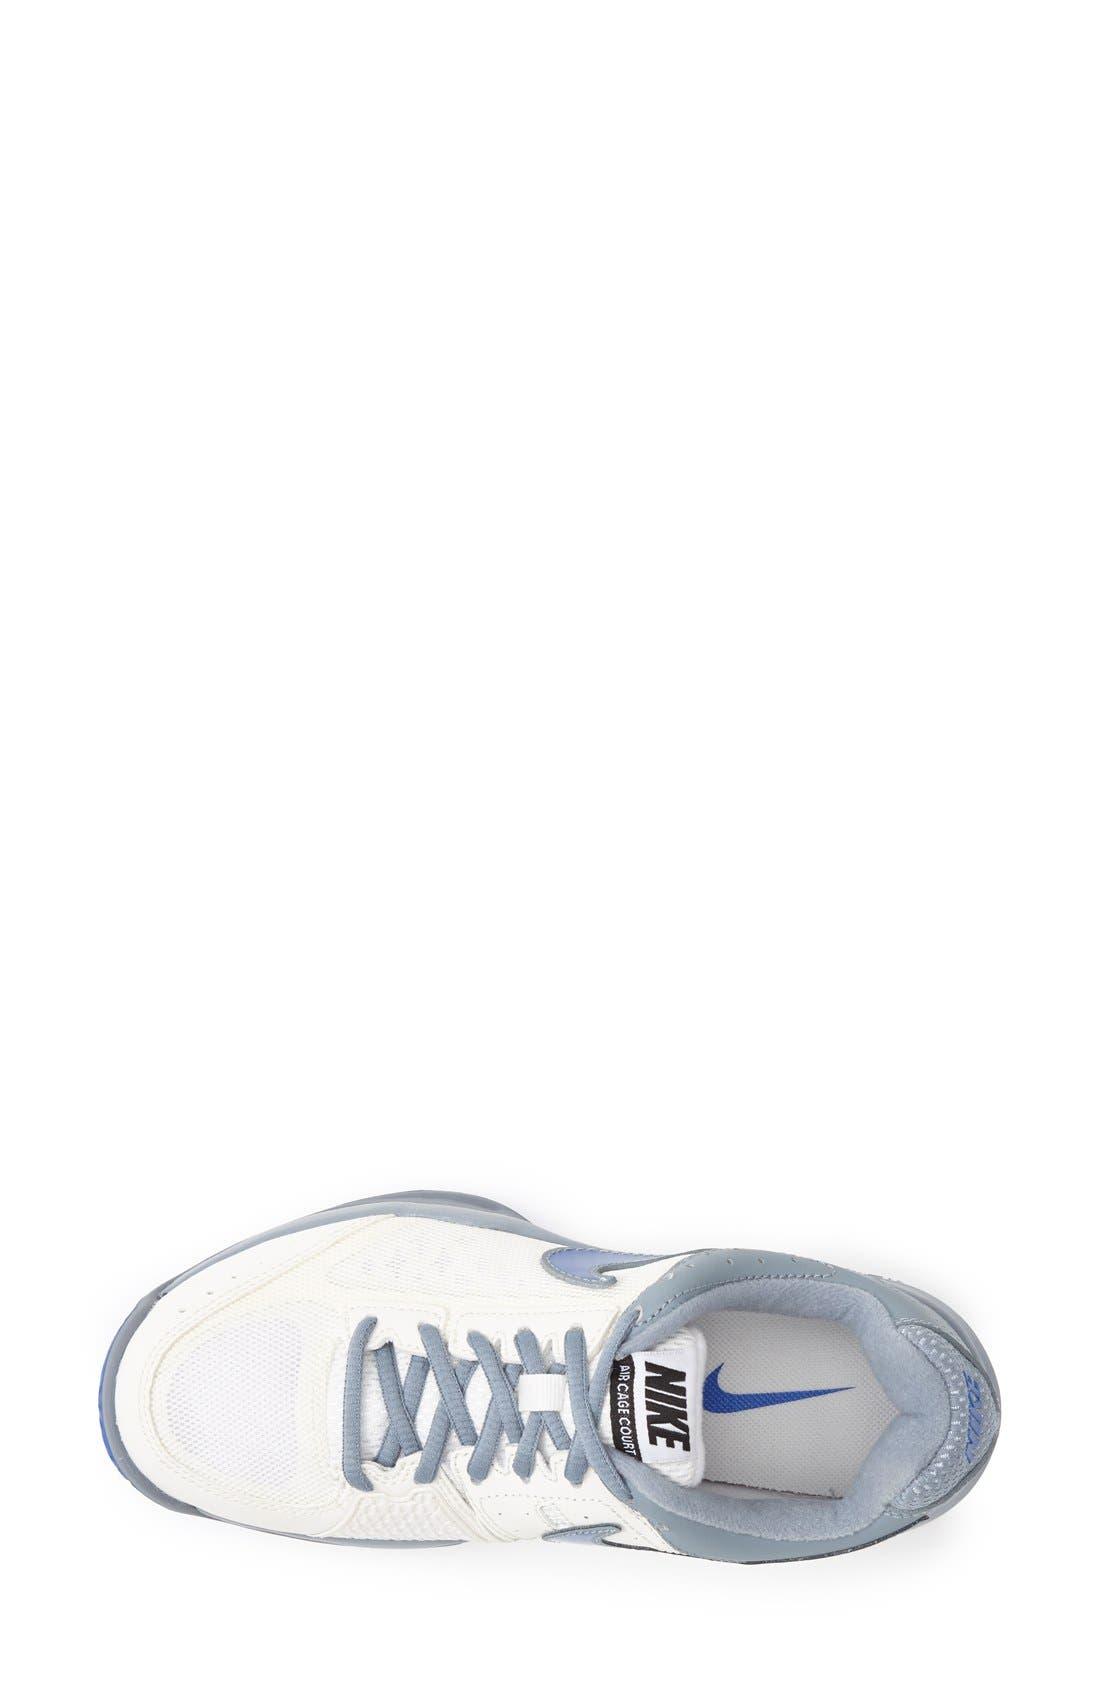 Alternate Image 3  - Nike 'Air Cage Court' Tennis Shoe (Women) (Regular Retail Price: $70.00)